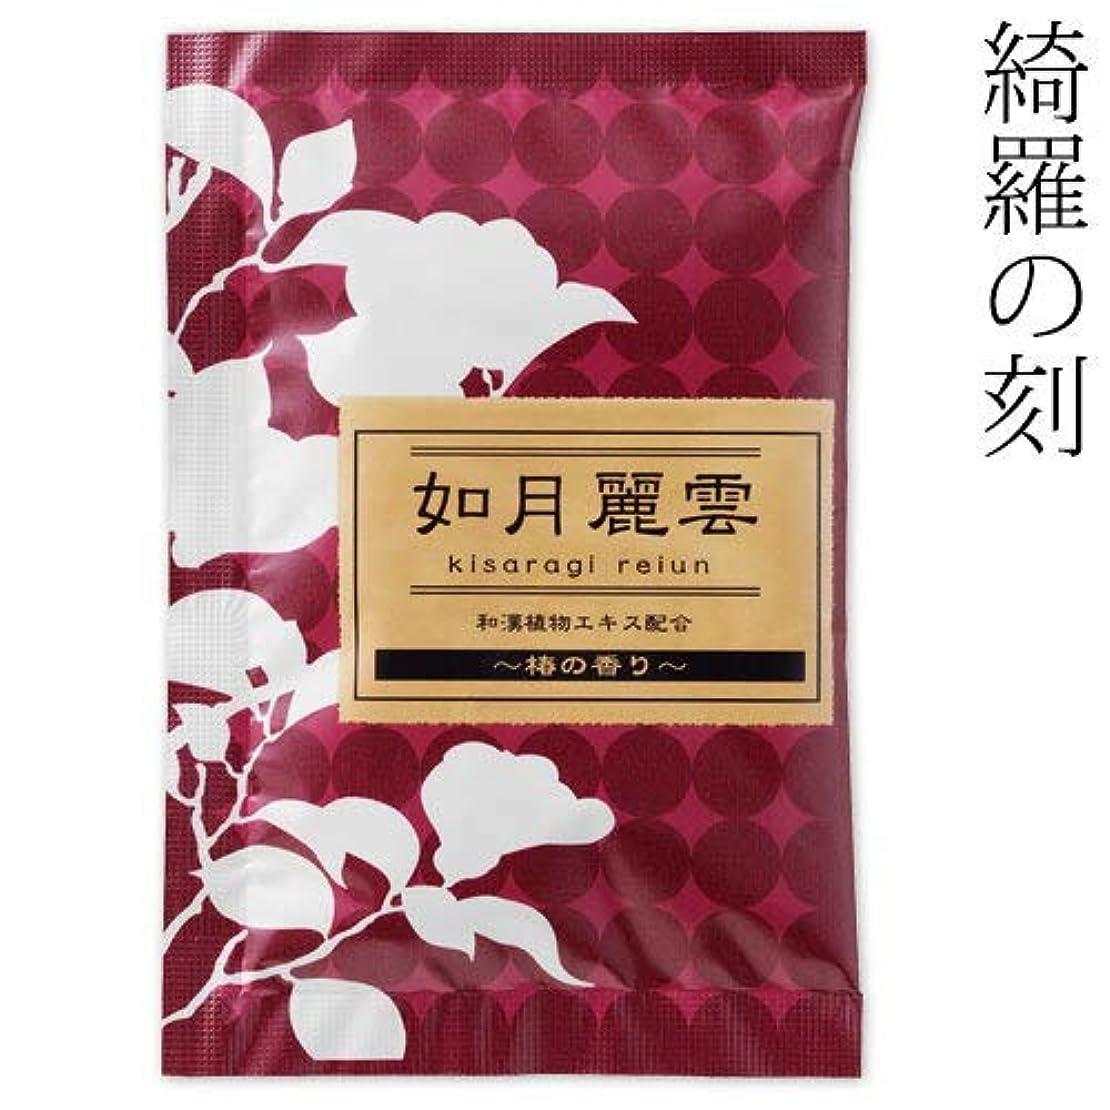 無視する防衛ミシン入浴剤綺羅の刻椿の香り如月麗雲1包石川県のお風呂グッズBath additive, Ishikawa craft